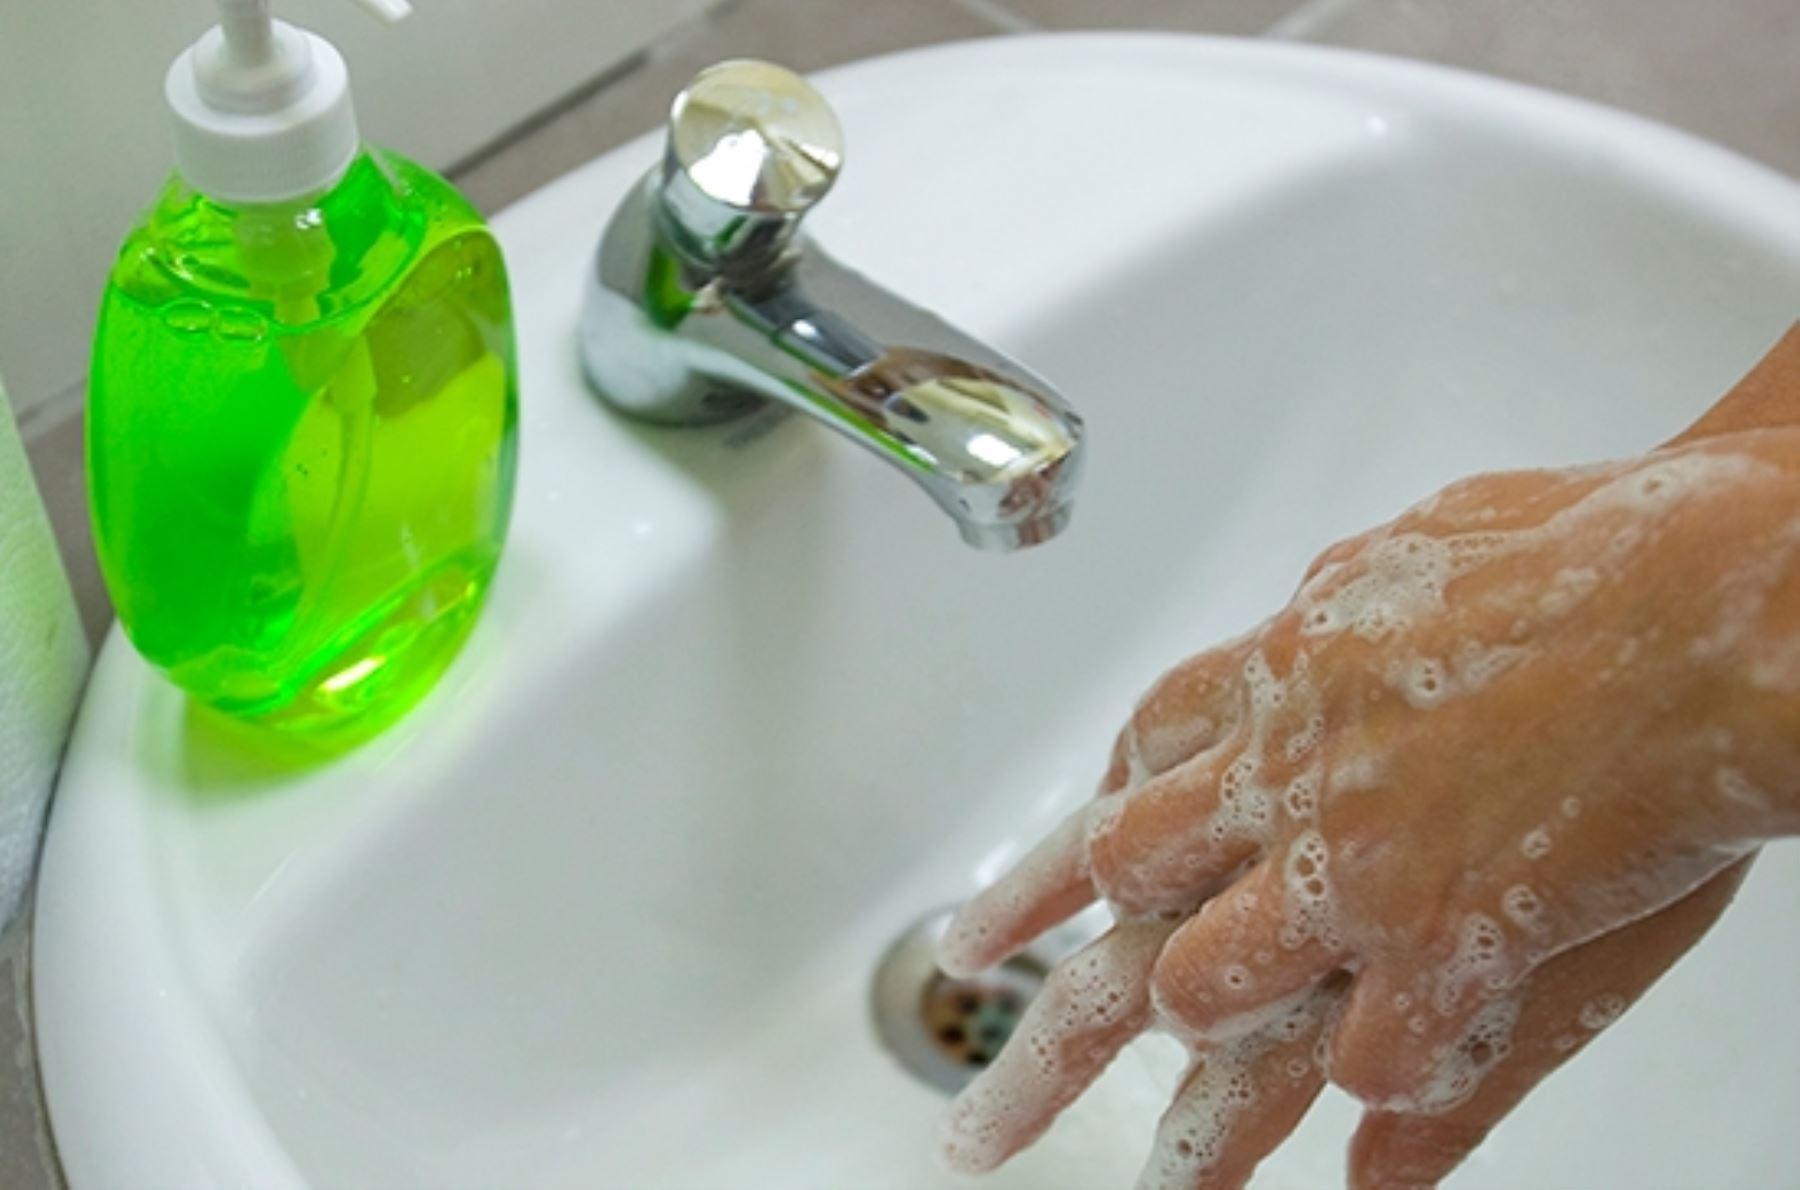 El lavado de manos es la principal medida de prevención ante un posible contagio. Foto: ANDINA/difusión.